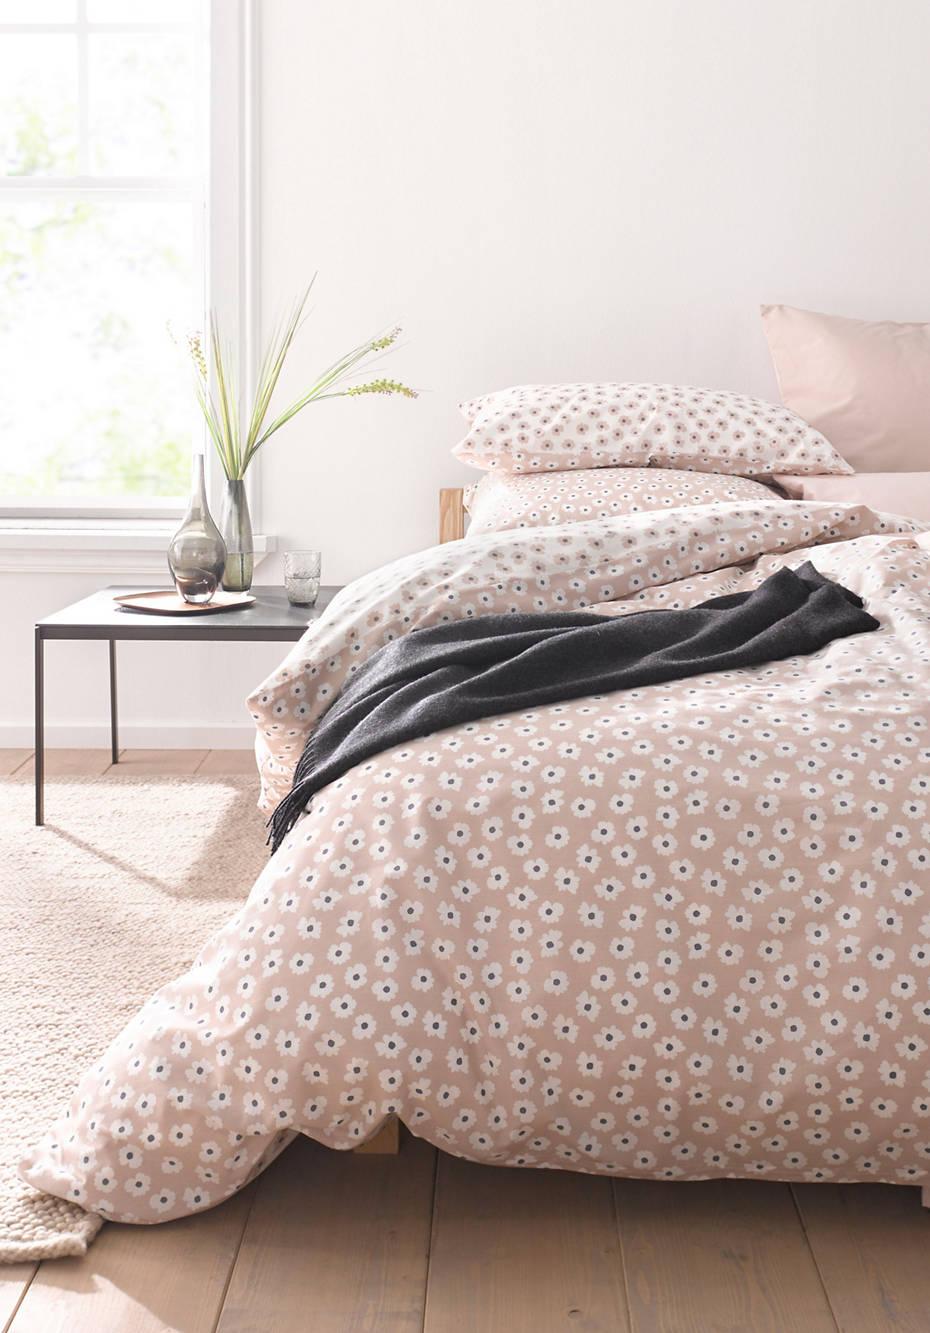 Renforcé-Bettwäsche Millefleurs aus reiner Bio-Baumwolle